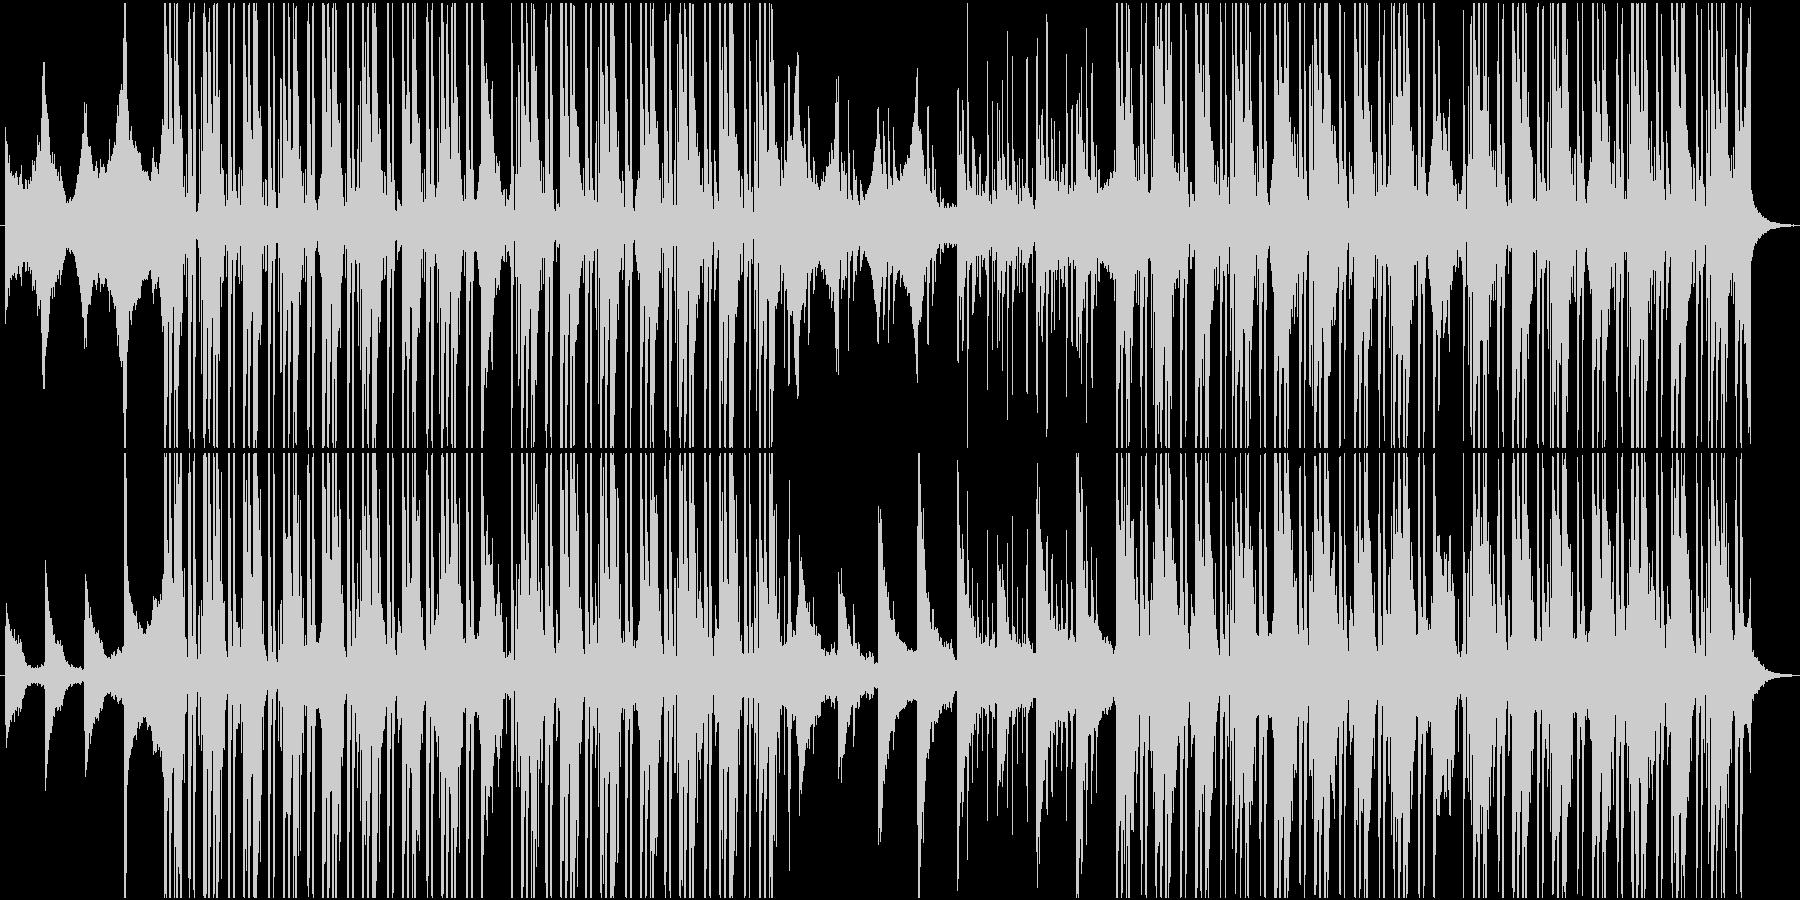 ストリングスメインのテックビート系の未再生の波形